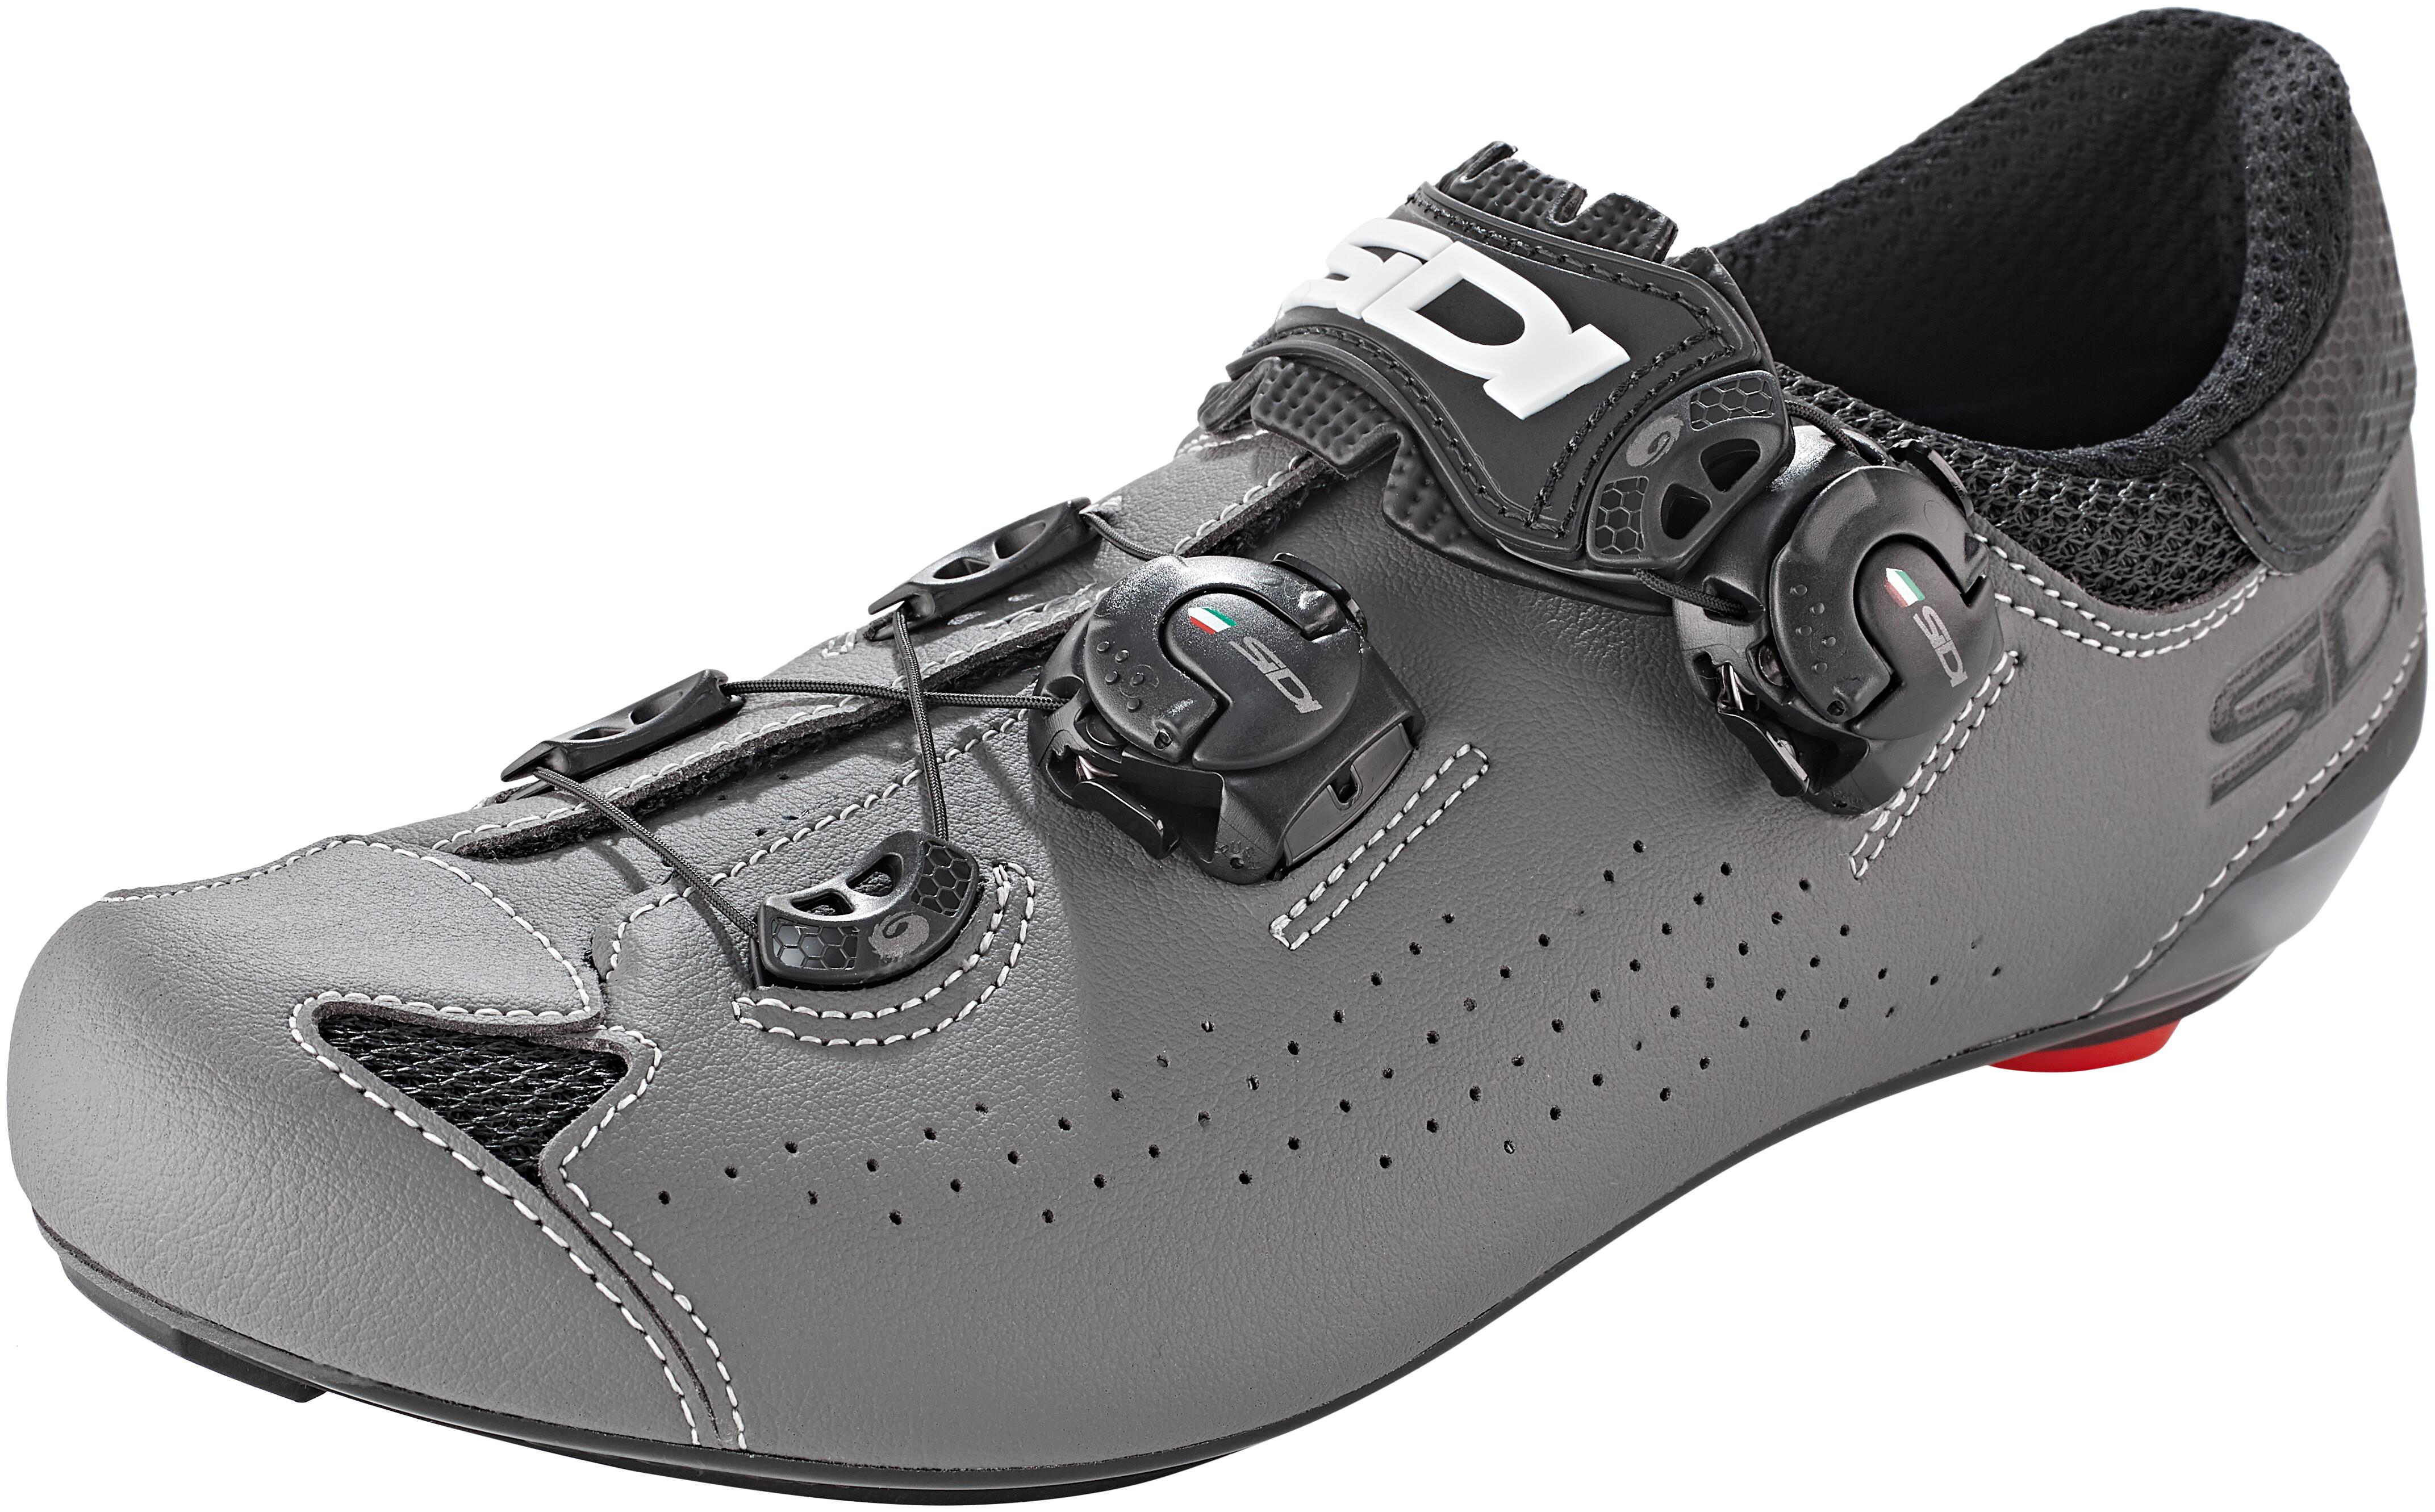 Noir Gris SIDI Genius 10 Chaussures de Cyclisme pour Homme 41,5